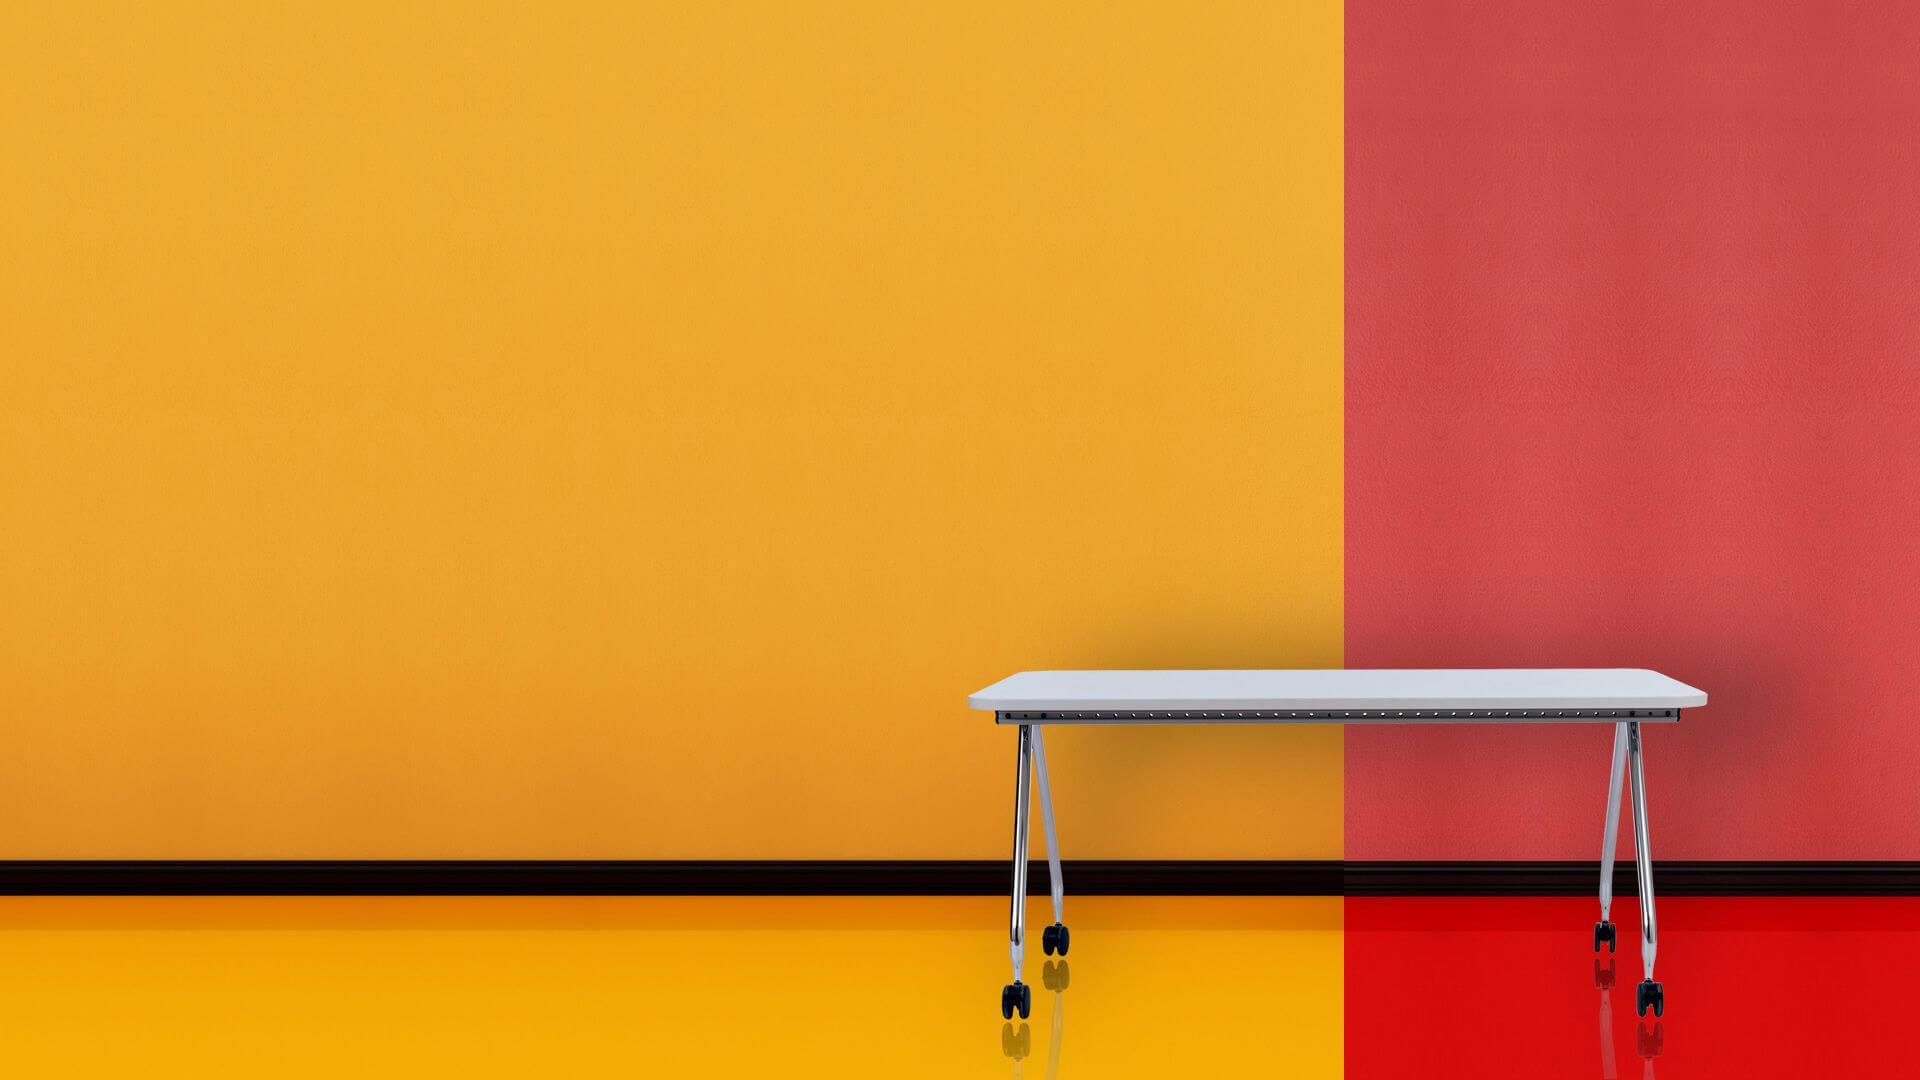 Mesa con ruedas sobre fondo amarillo y rojo